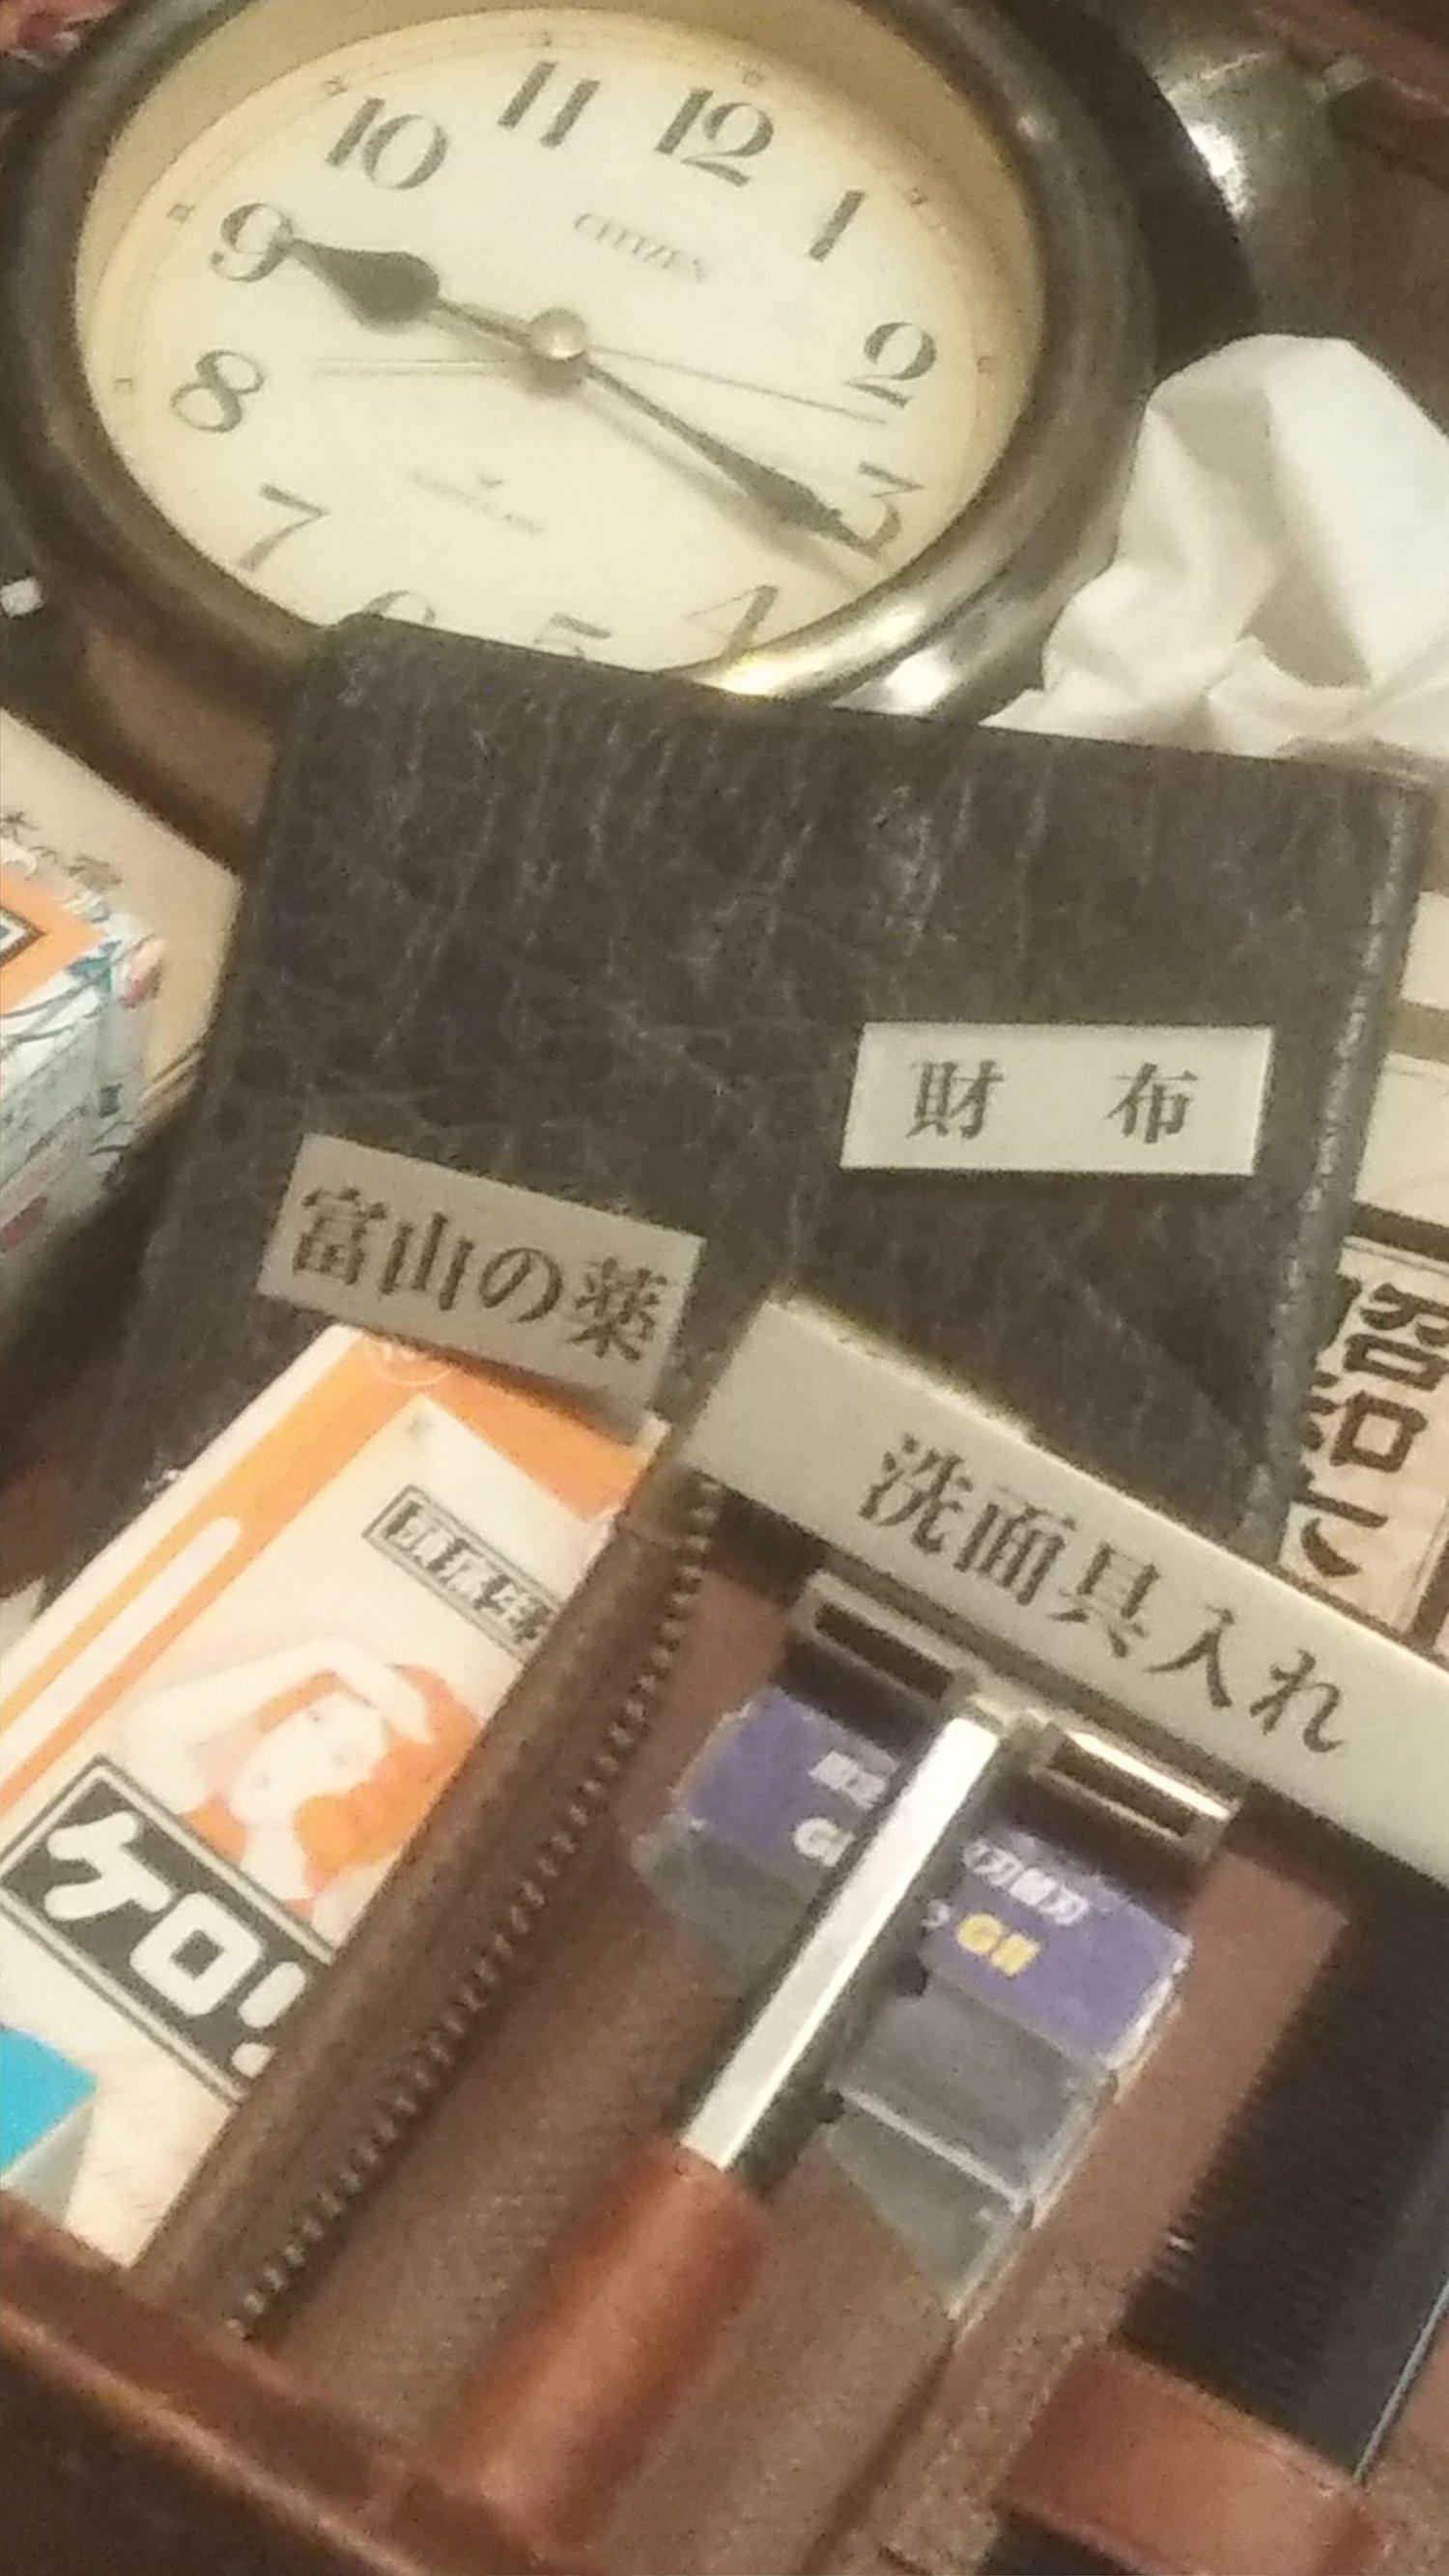 寅さん愛用、黒皮(もどき?)の長財布。ここにさくらがそっと紙幣を…(『葛飾柴又寅さん記念館』にて)